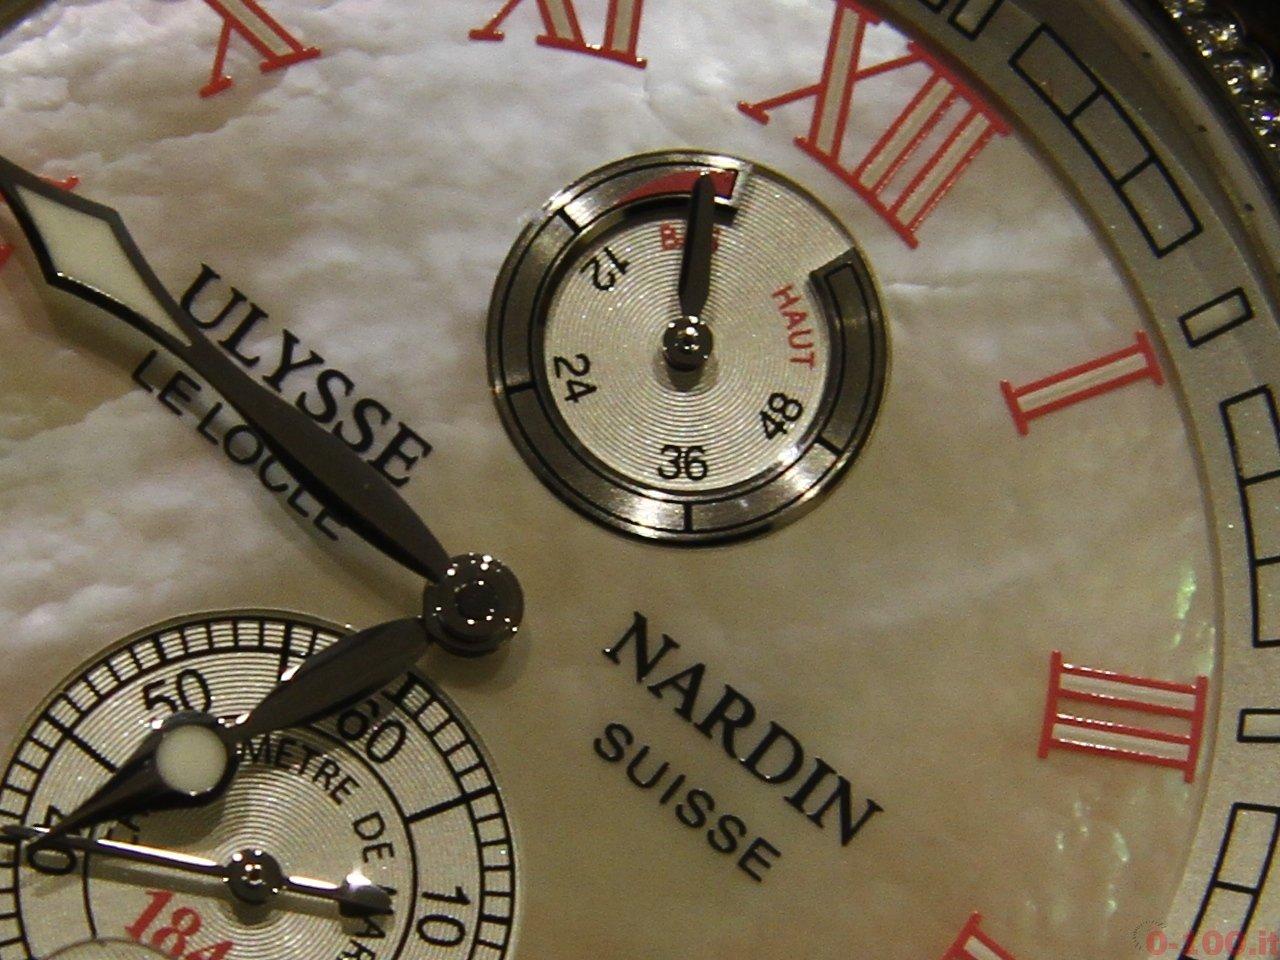 baselworld-2015-ulysse-nardin-lades-marine-chronometer-0-100_13